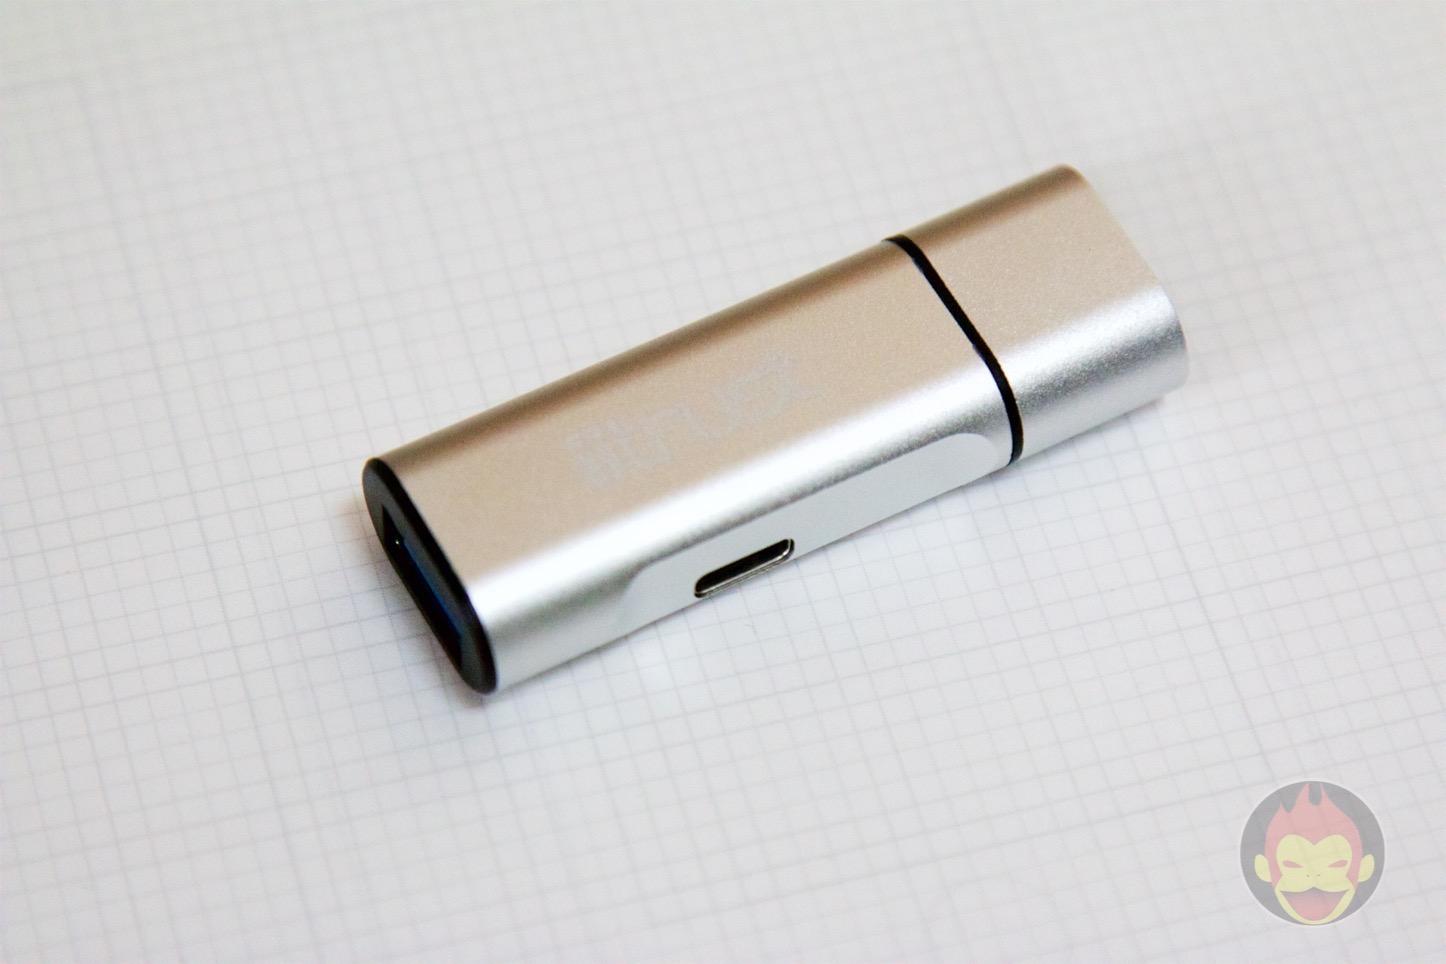 iitrust-MacBook-USB-Adapter-01.jpg